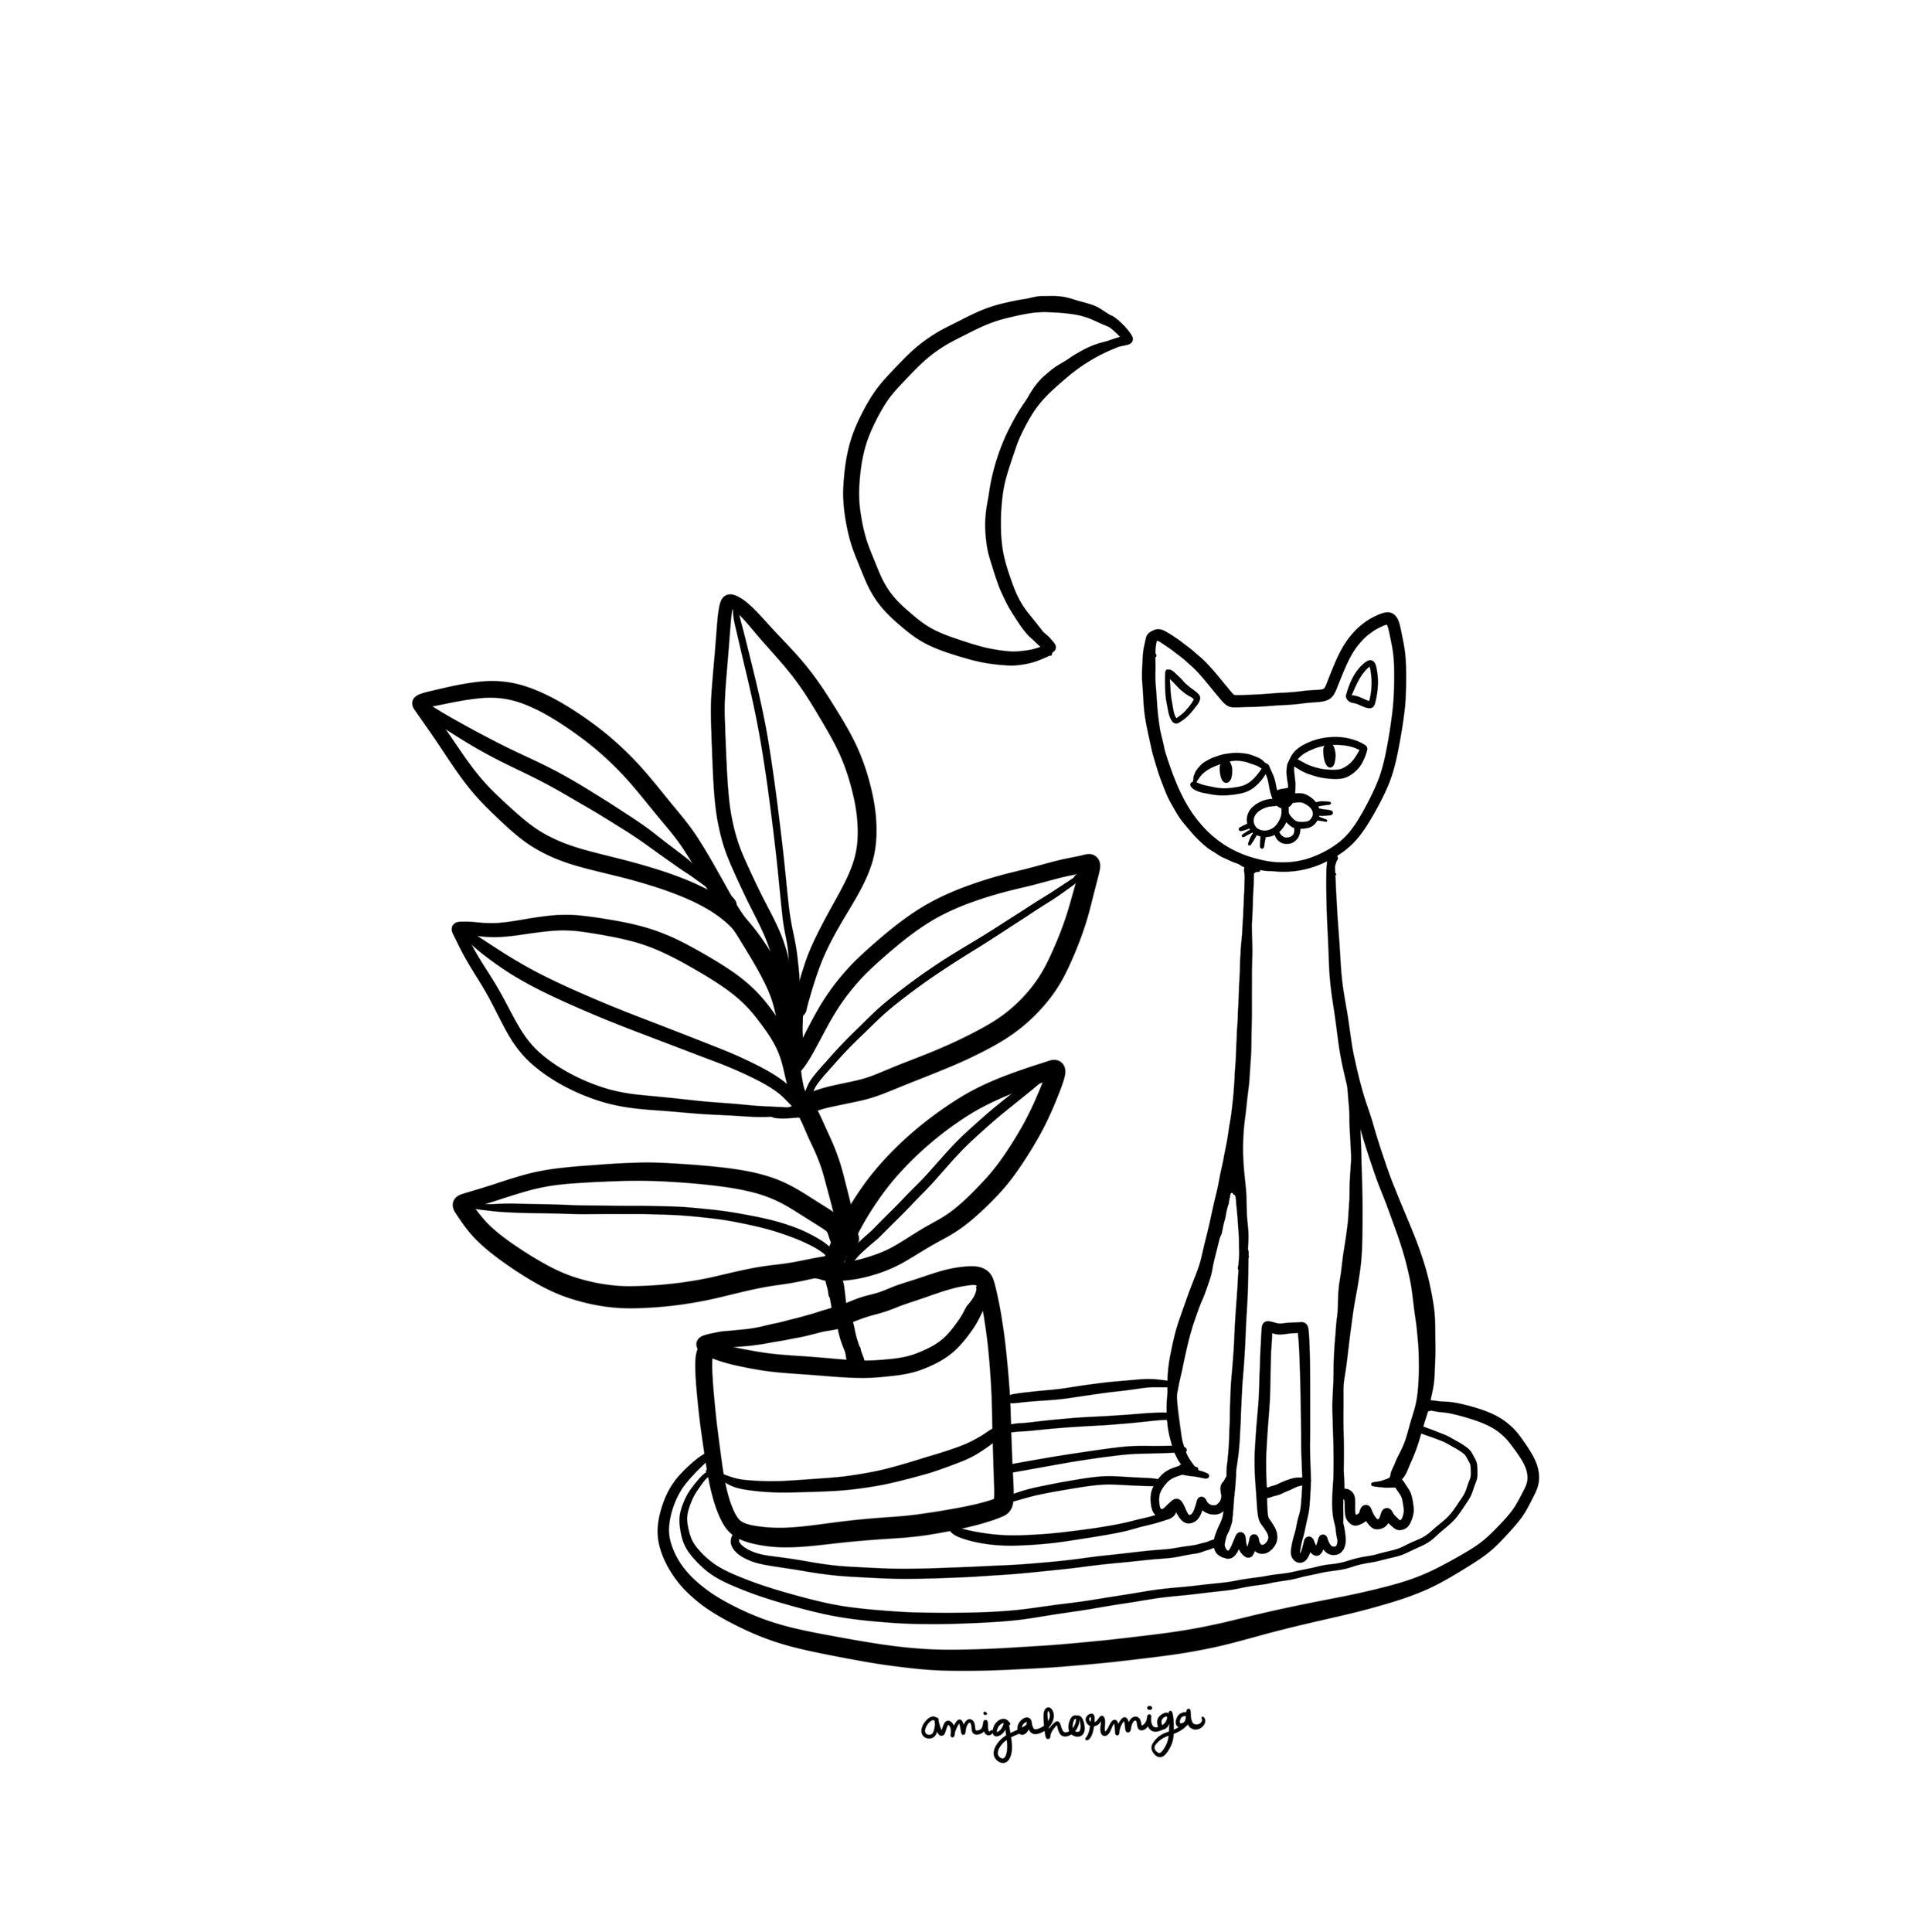 KittyMoon.jpg